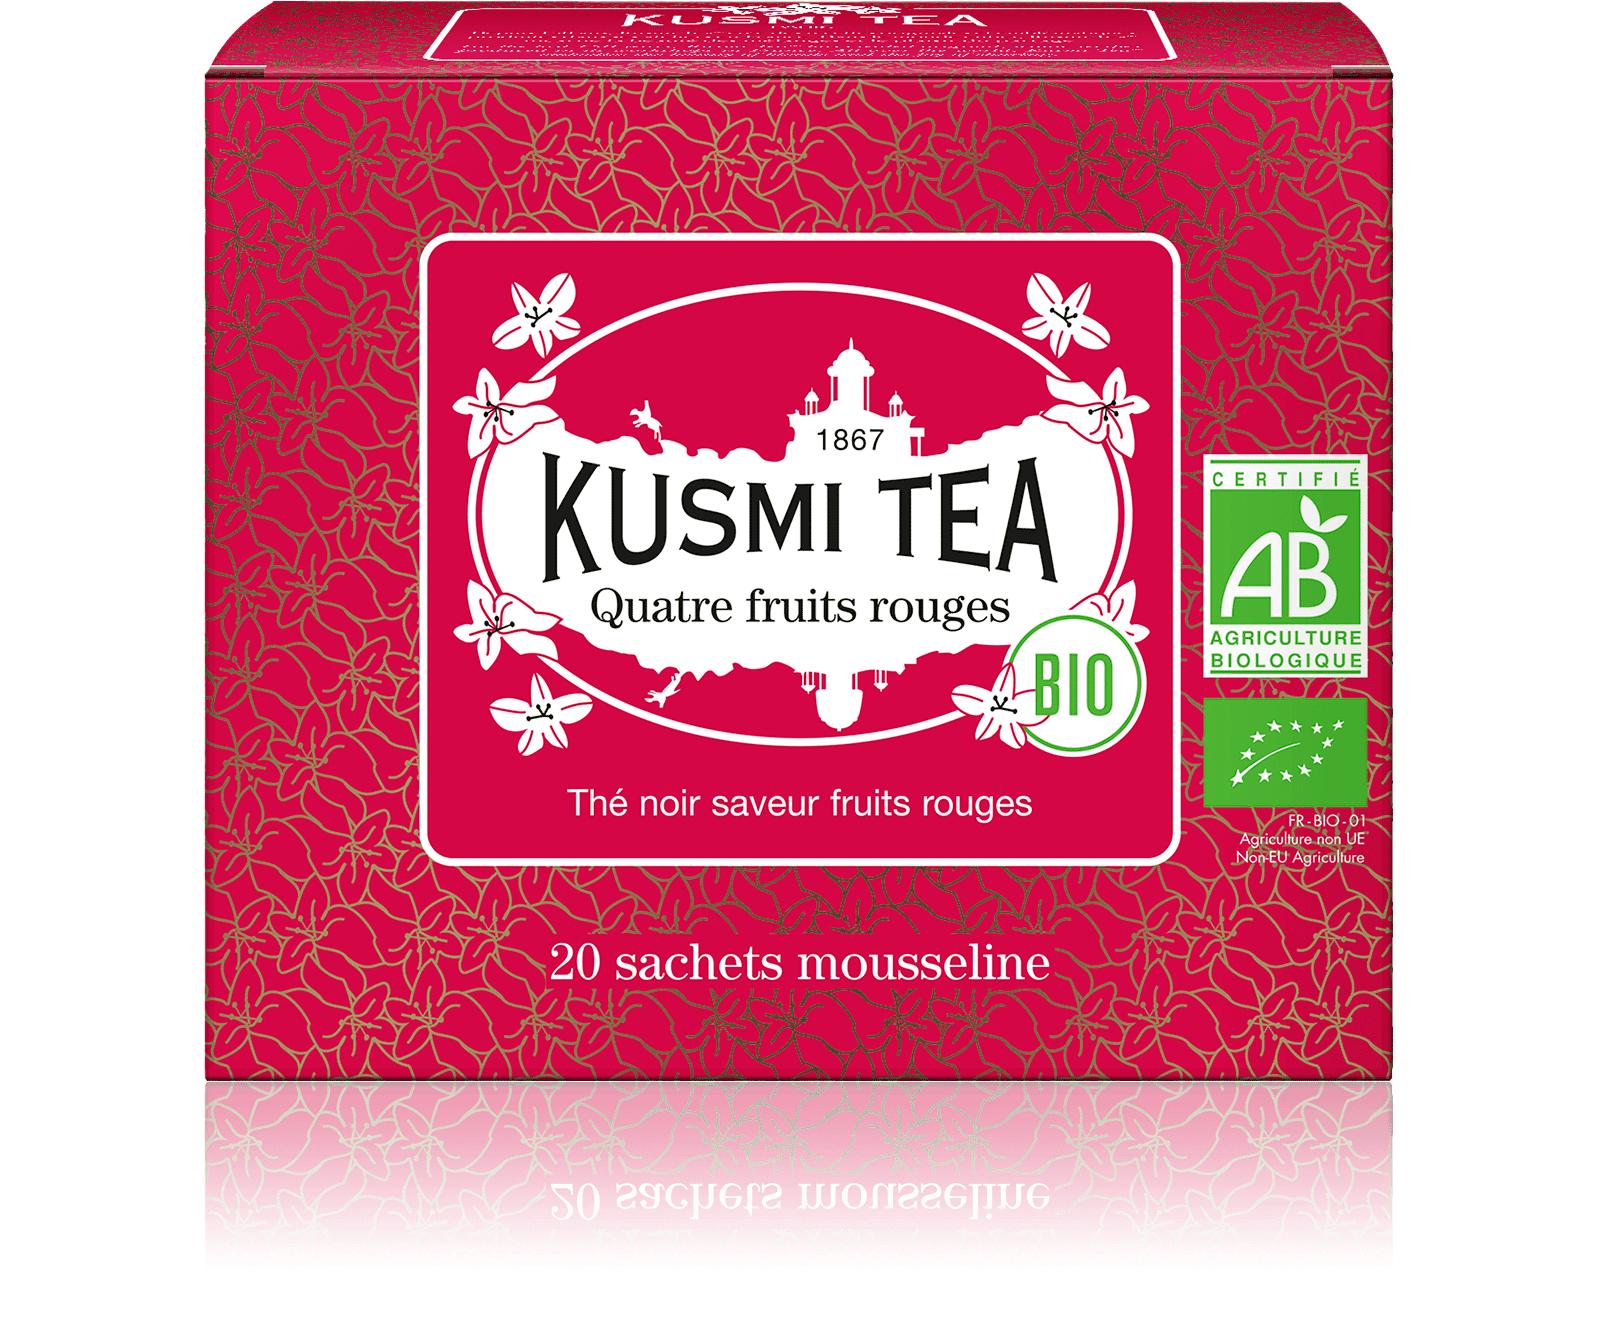 KUSMI TEA Quatre Fruits Rouges bio - Thé noir, fruits rouges - Sachets de thé - Kusmi Tea